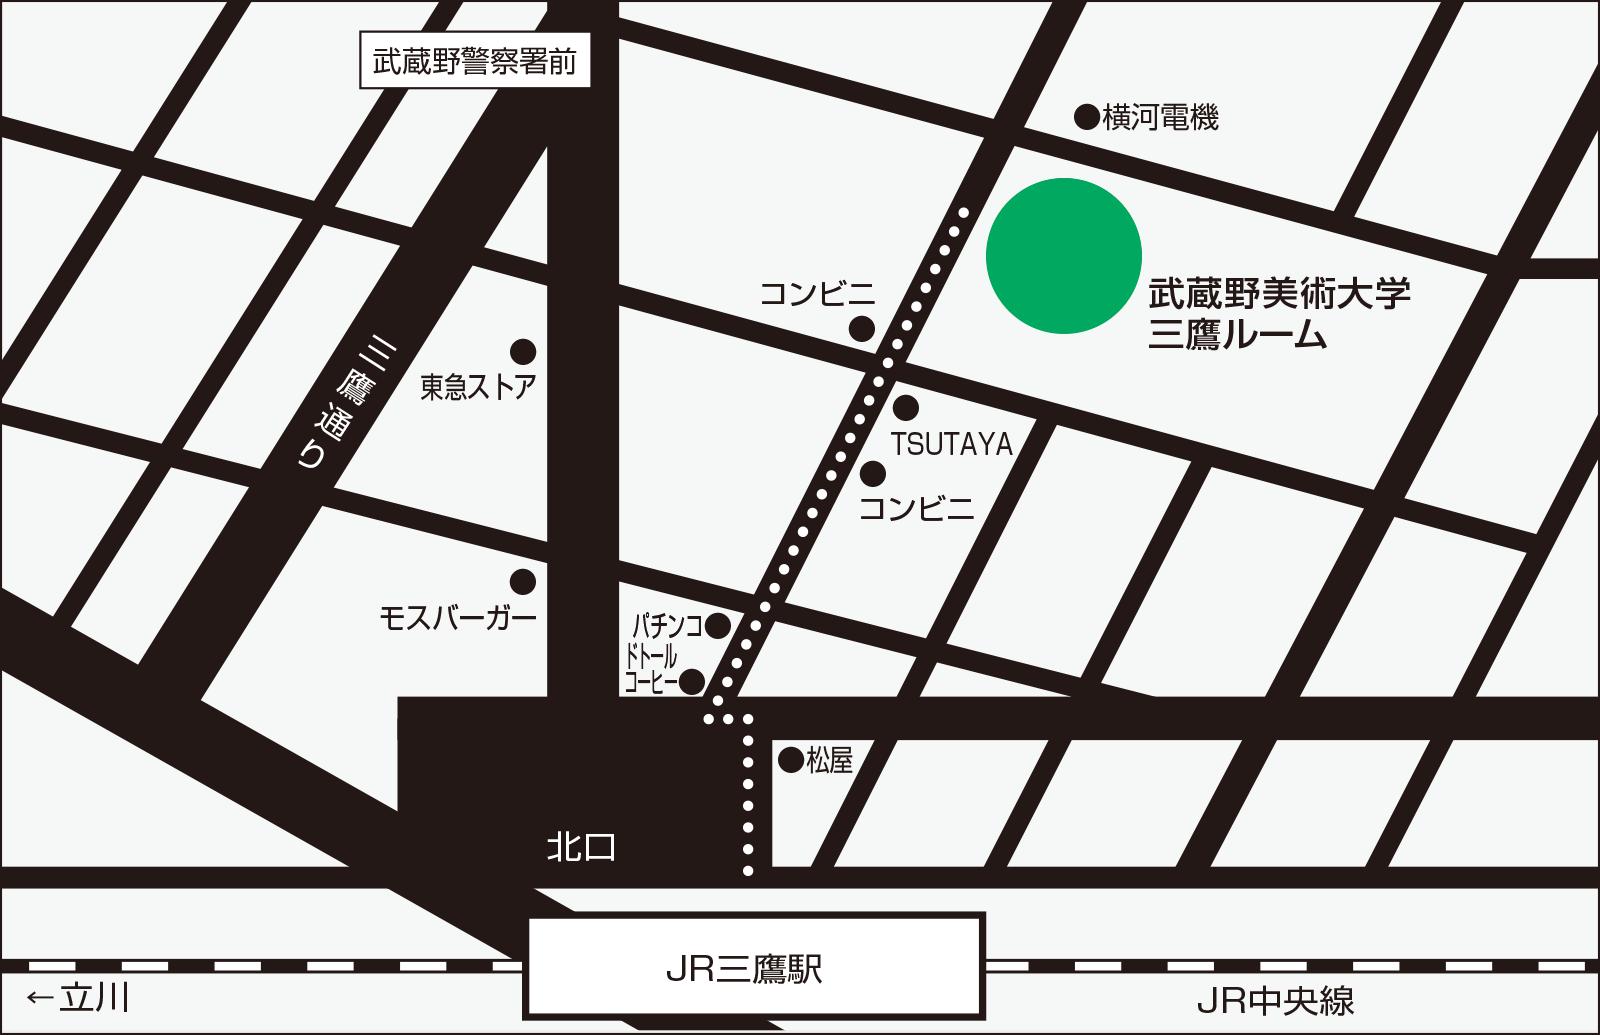 三鷹ルームの地図